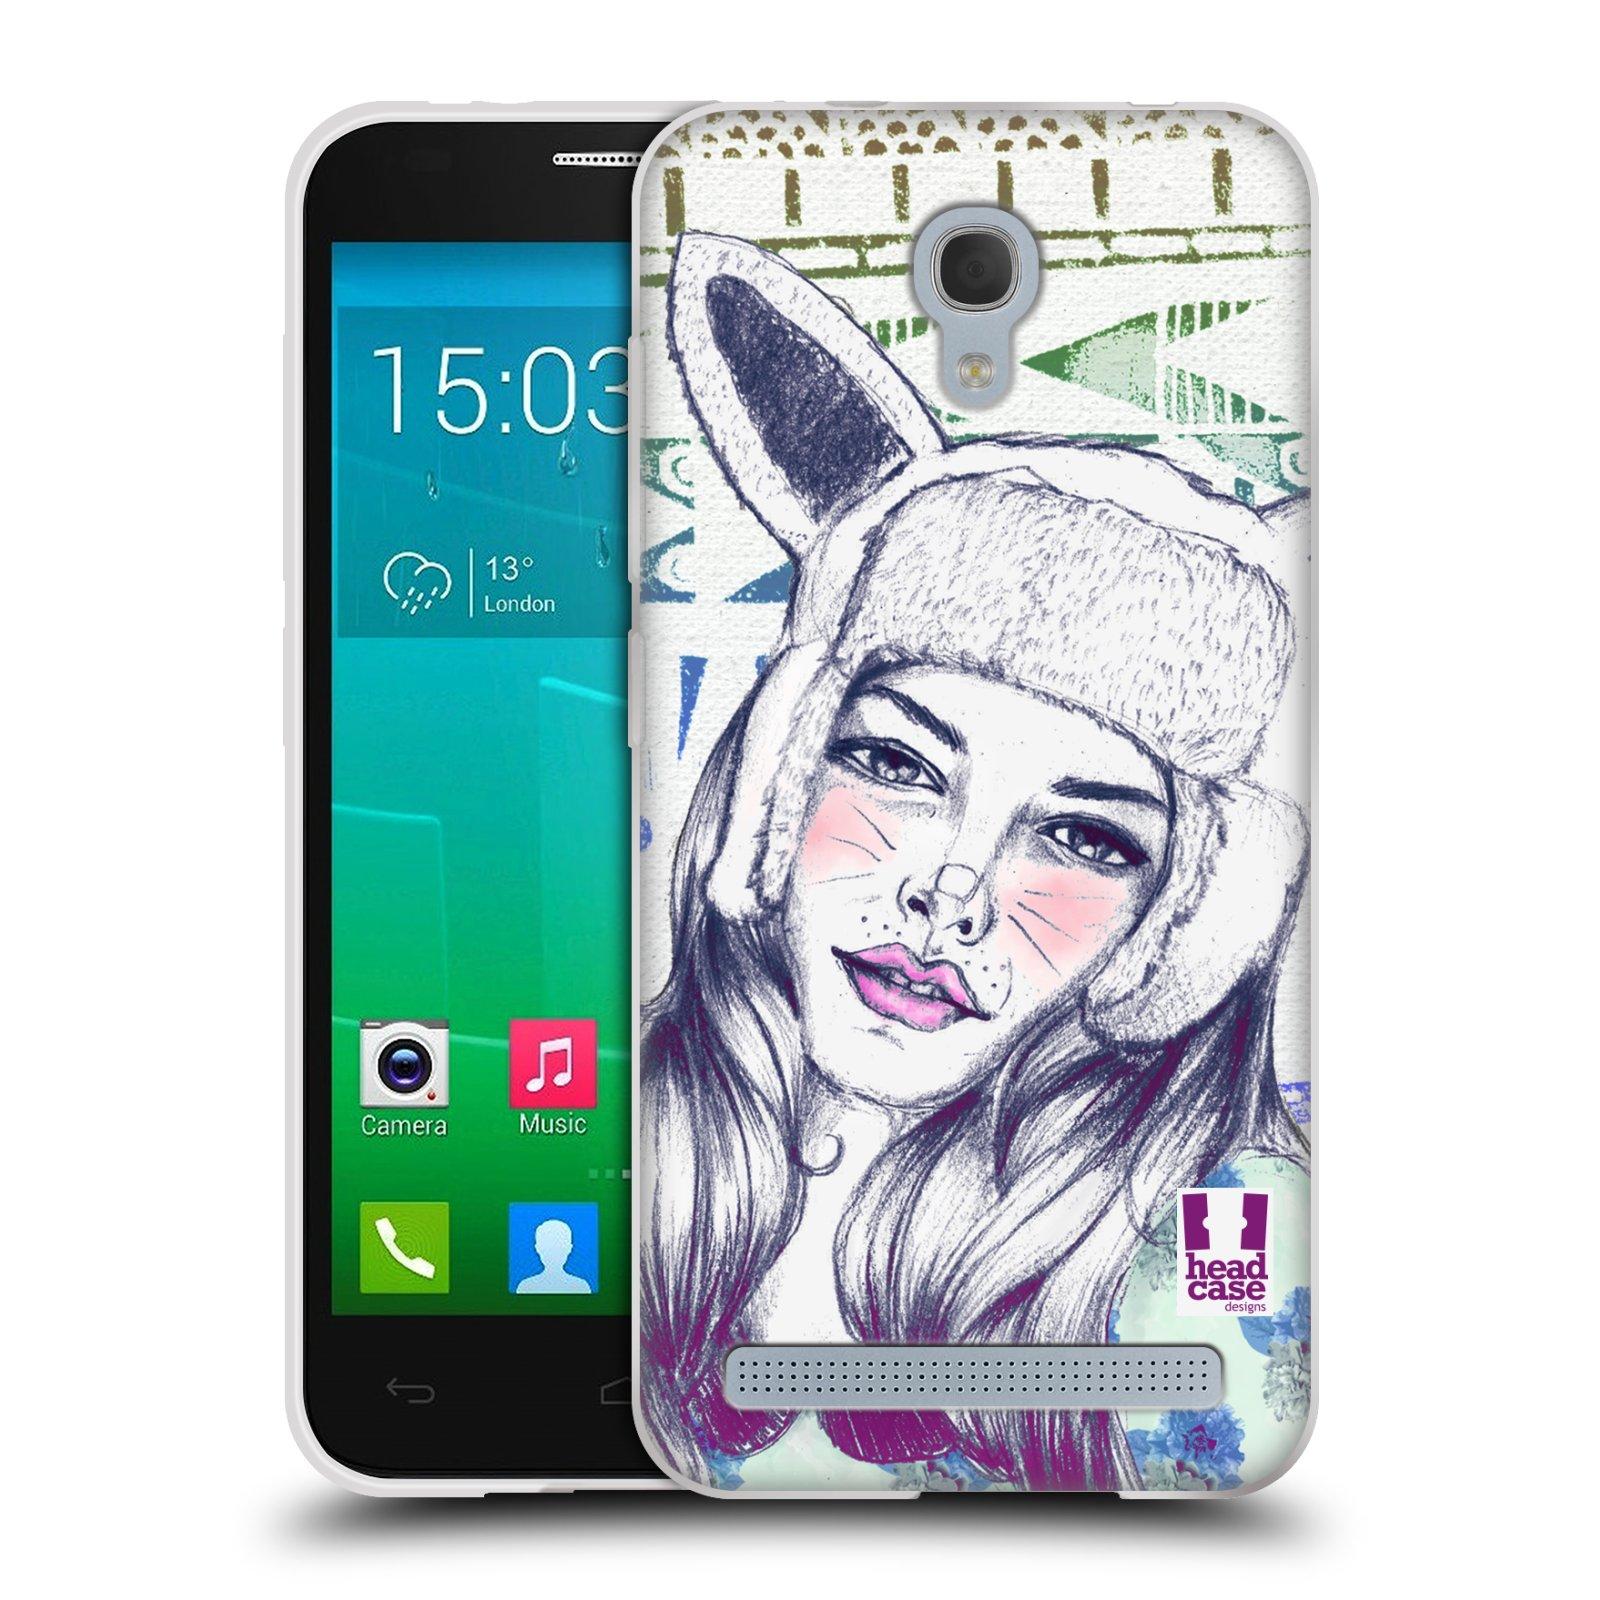 HEAD CASE silikonový obal na mobil Alcatel Idol 2 MINI S 6036Y vzor Děvče zvířecí tématika zajíček čepka